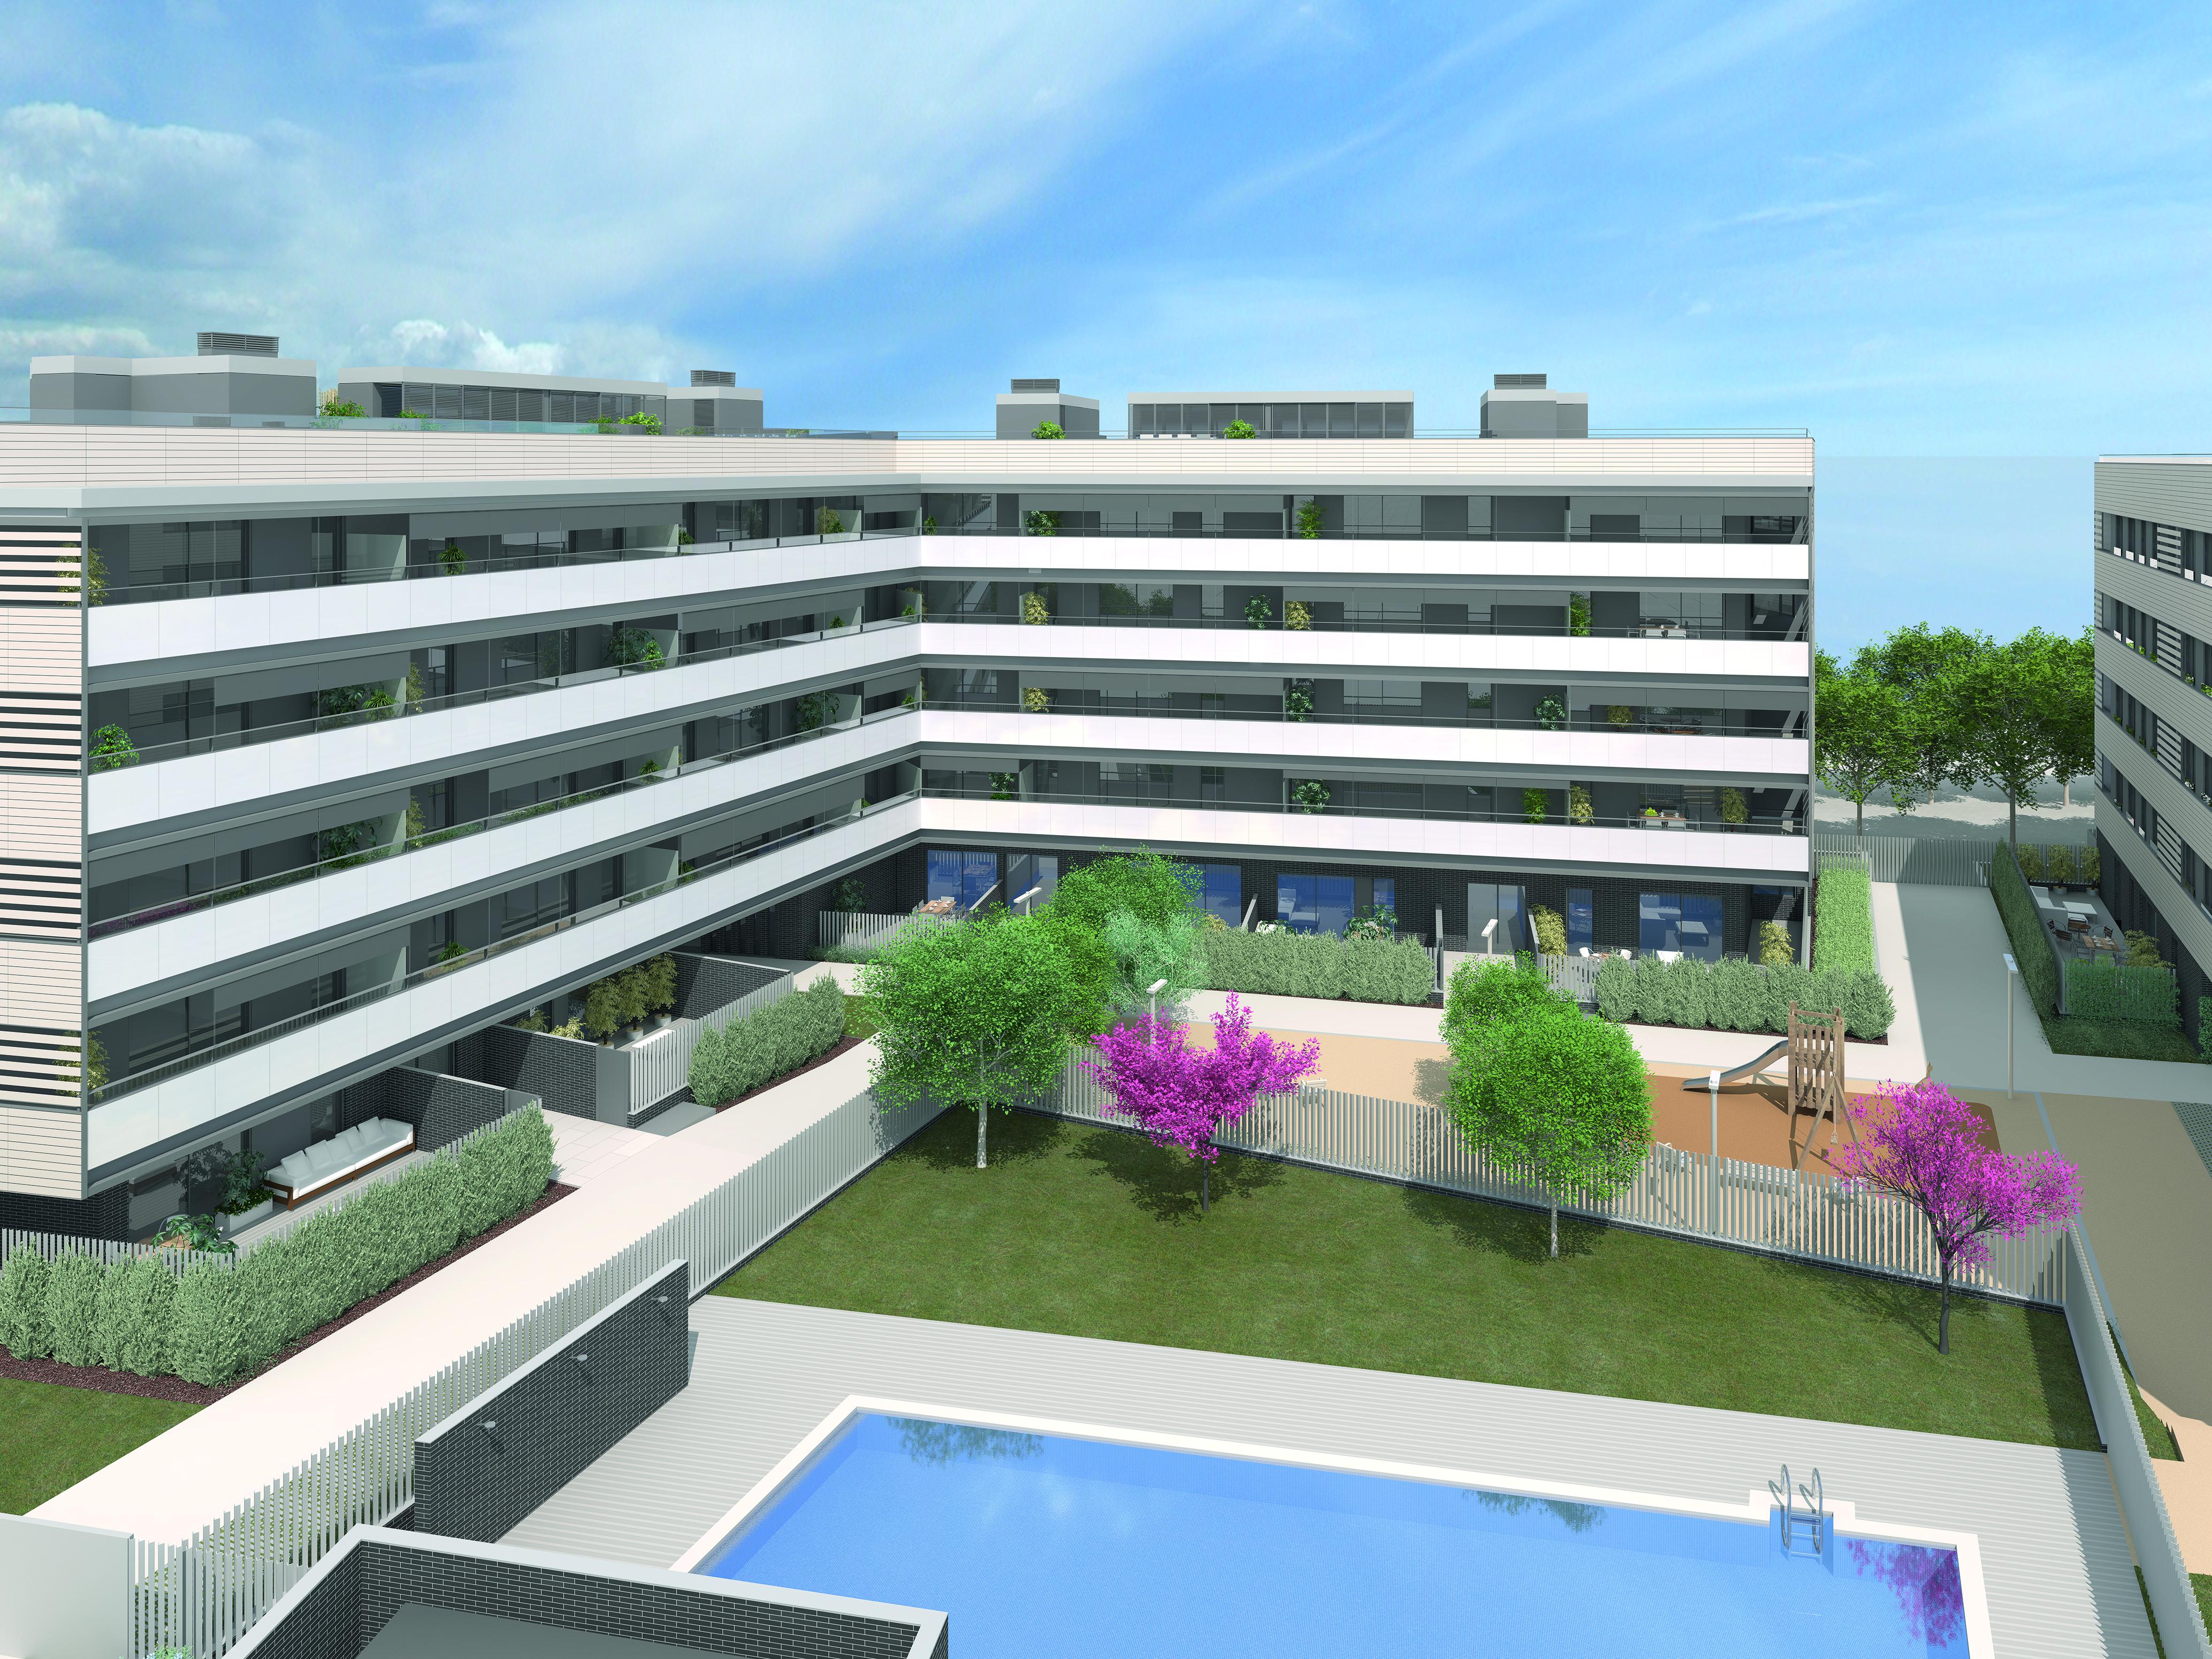 Piso en venta en Can Vasconcel, Sant Cugat del Vallès, Barcelona, Calle Josep de Peray, 515.000 €, 4 habitaciones, 1 baño, 137 m2